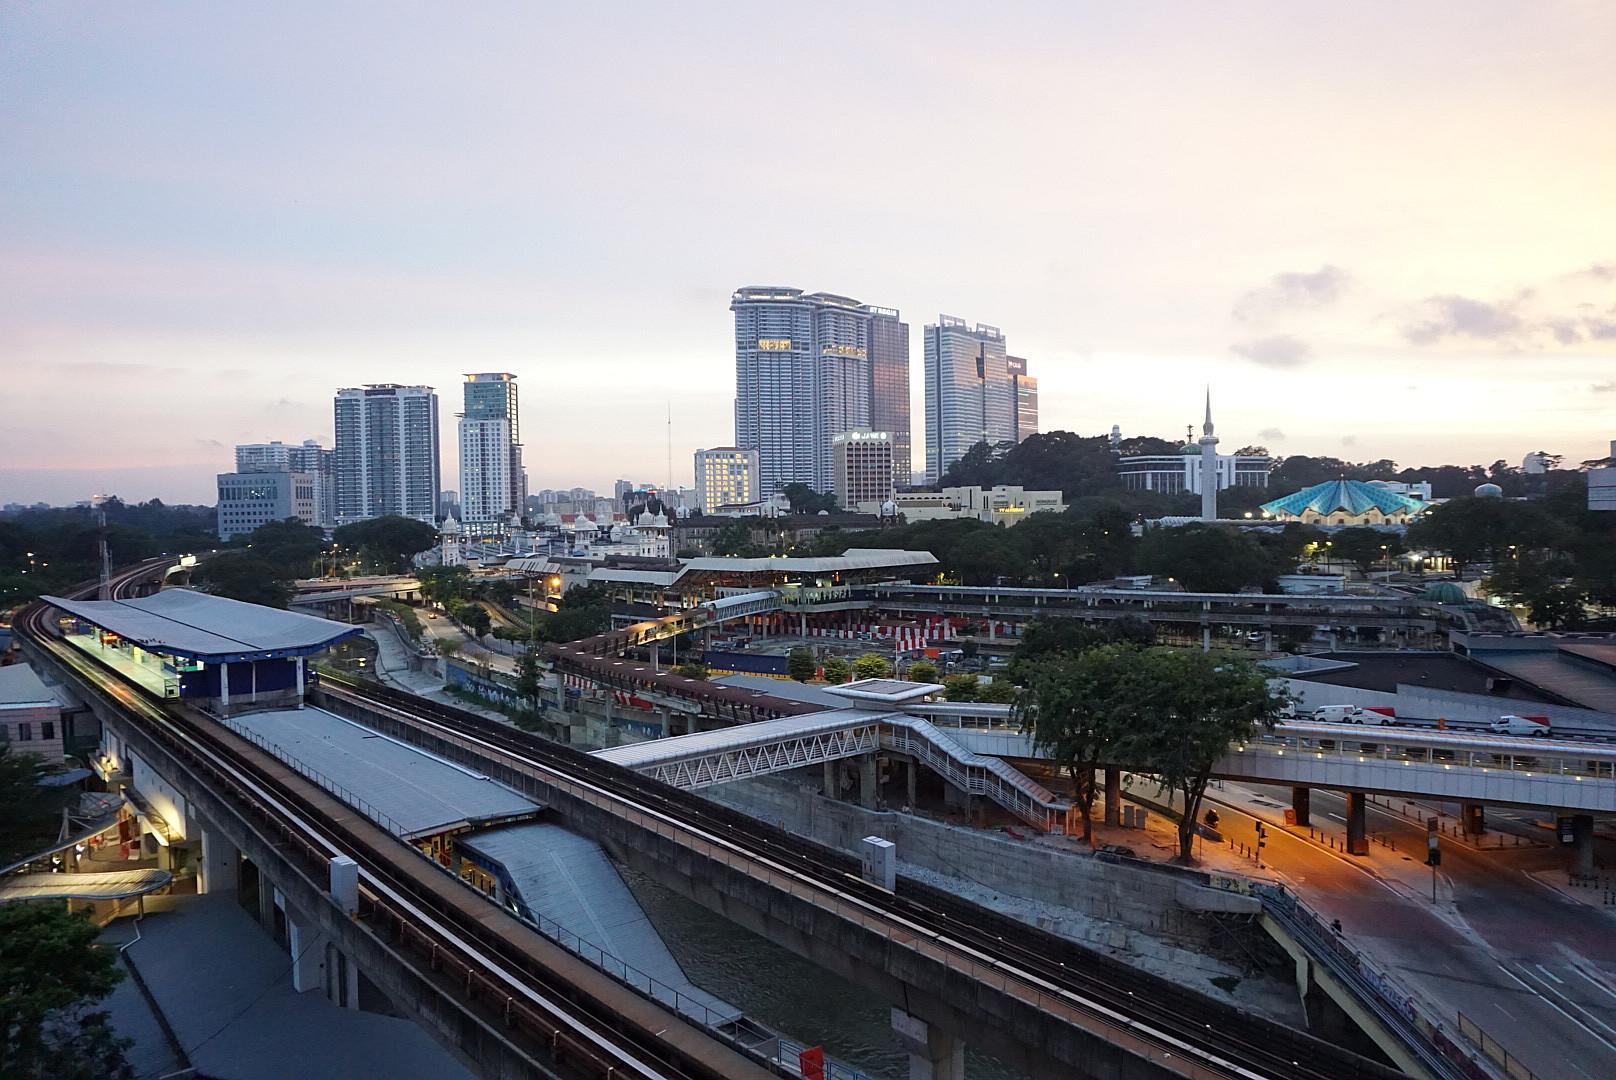 吉隆坡购物哪里好,吉隆坡去哪里购物,吉隆坡购物路线指南